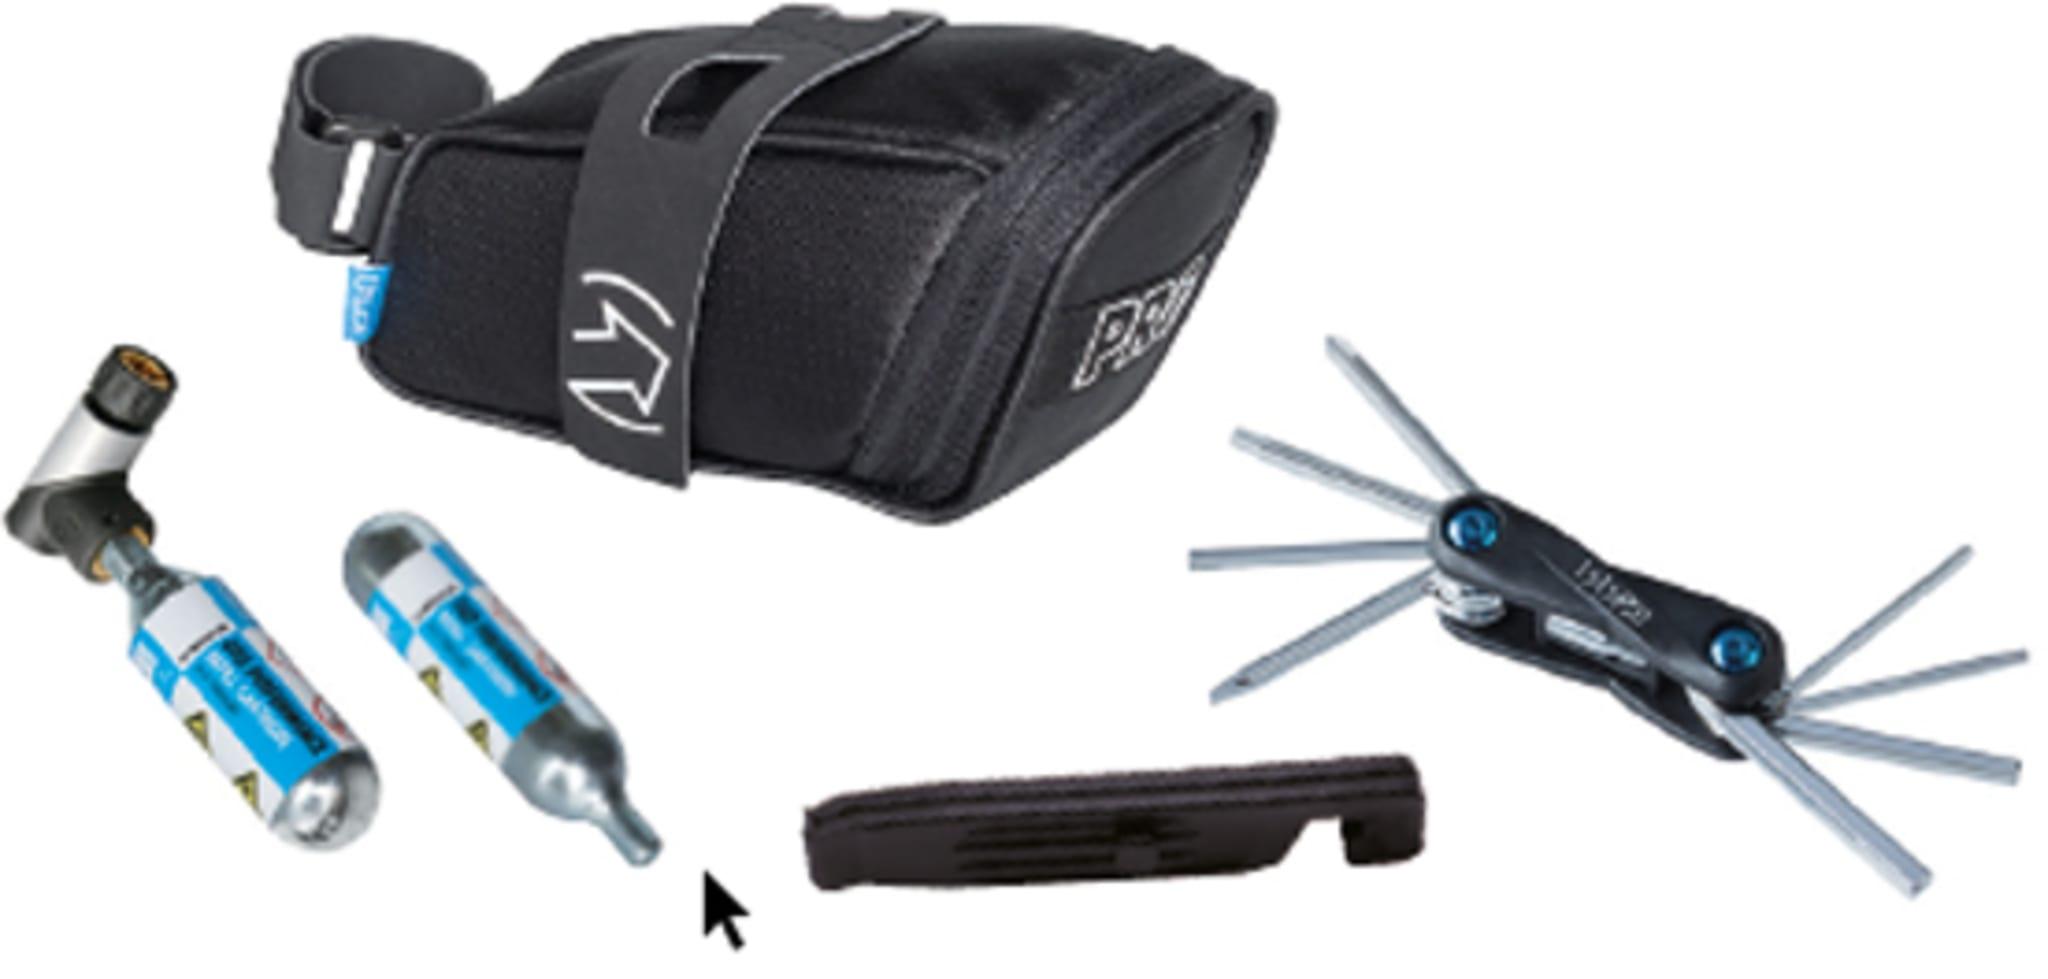 Inneholder Co2 pumpe og patroner, miniverktøy, dekkspak og veske